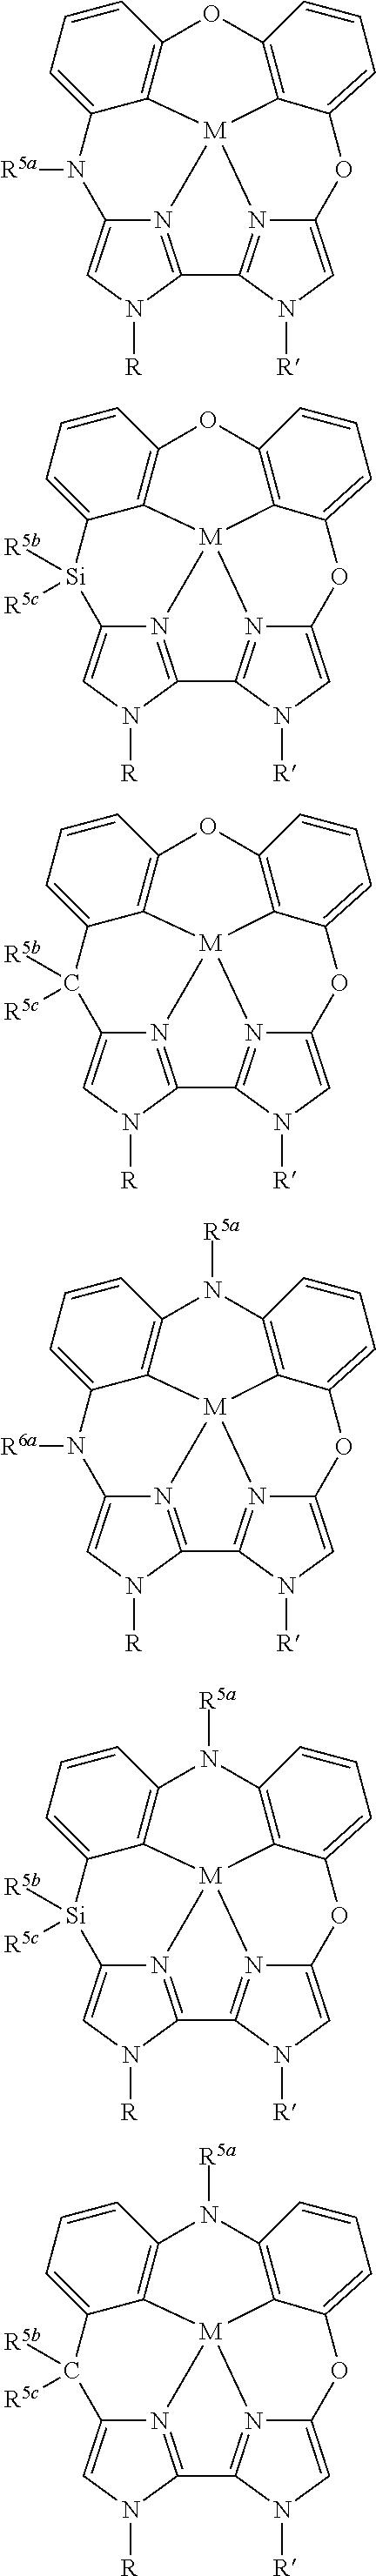 Figure US10158091-20181218-C00288